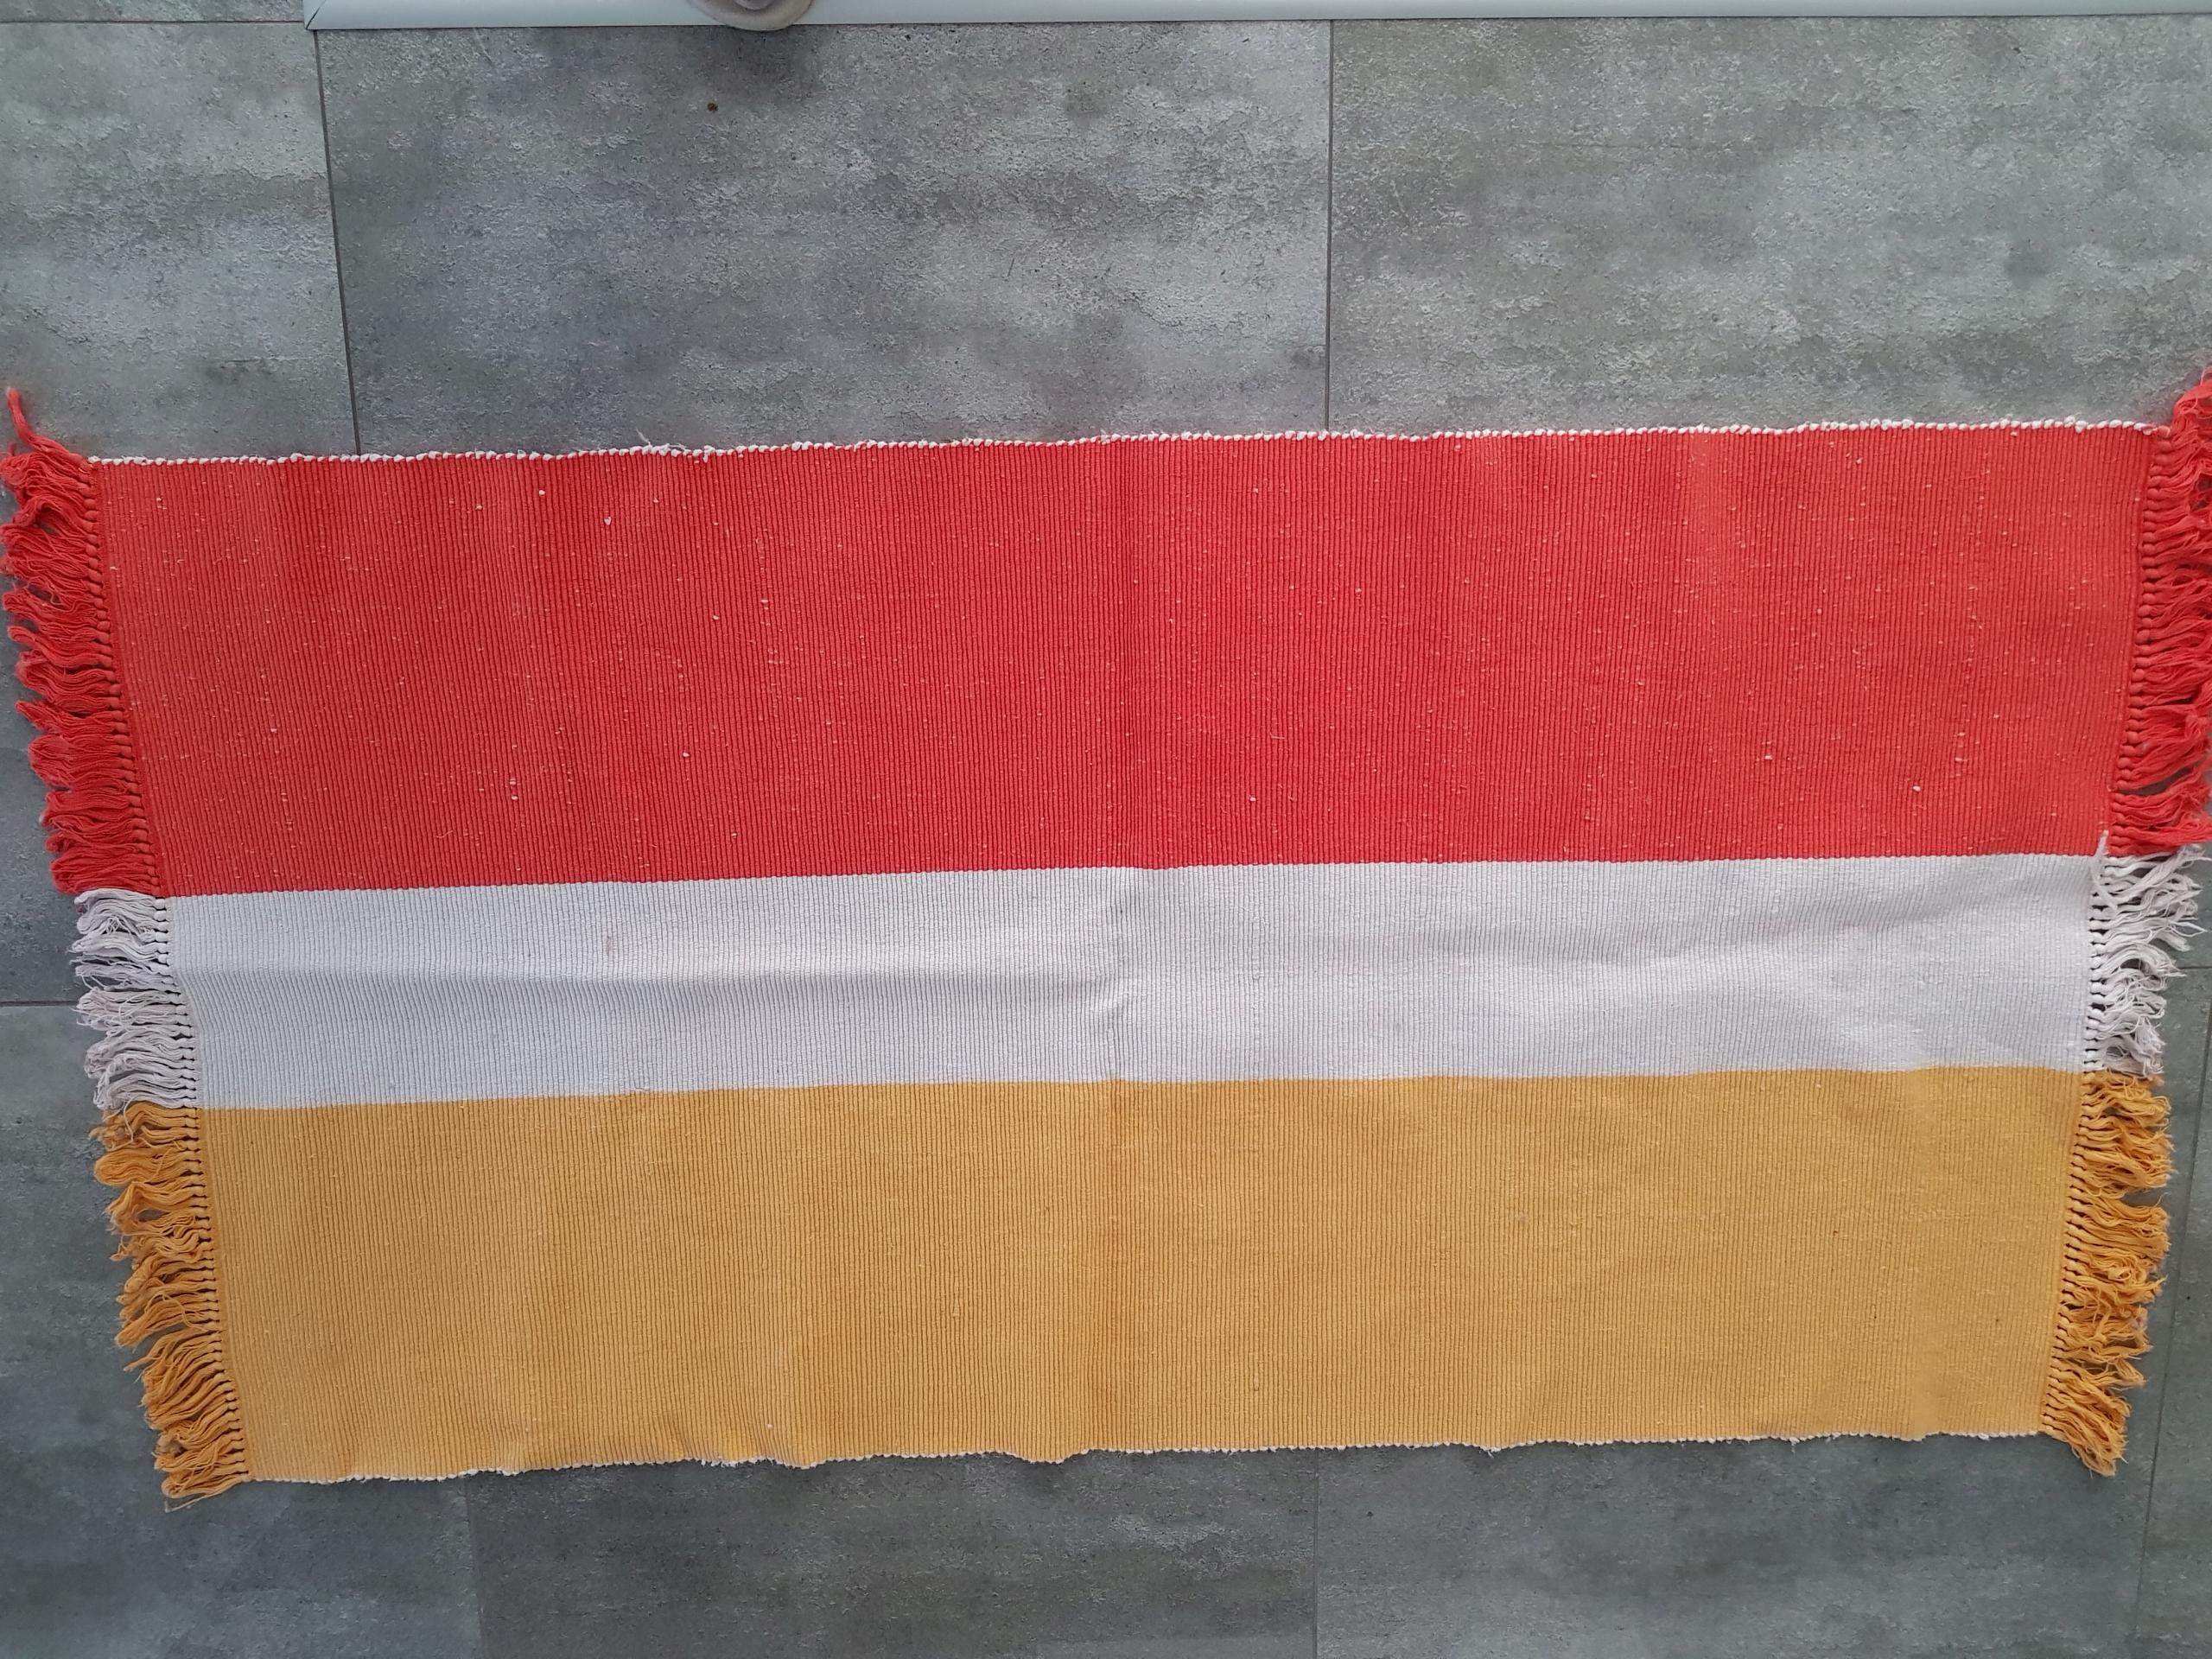 Kolorowy Chodnik Ikea 7673171398 Oficjalne Archiwum Allegro